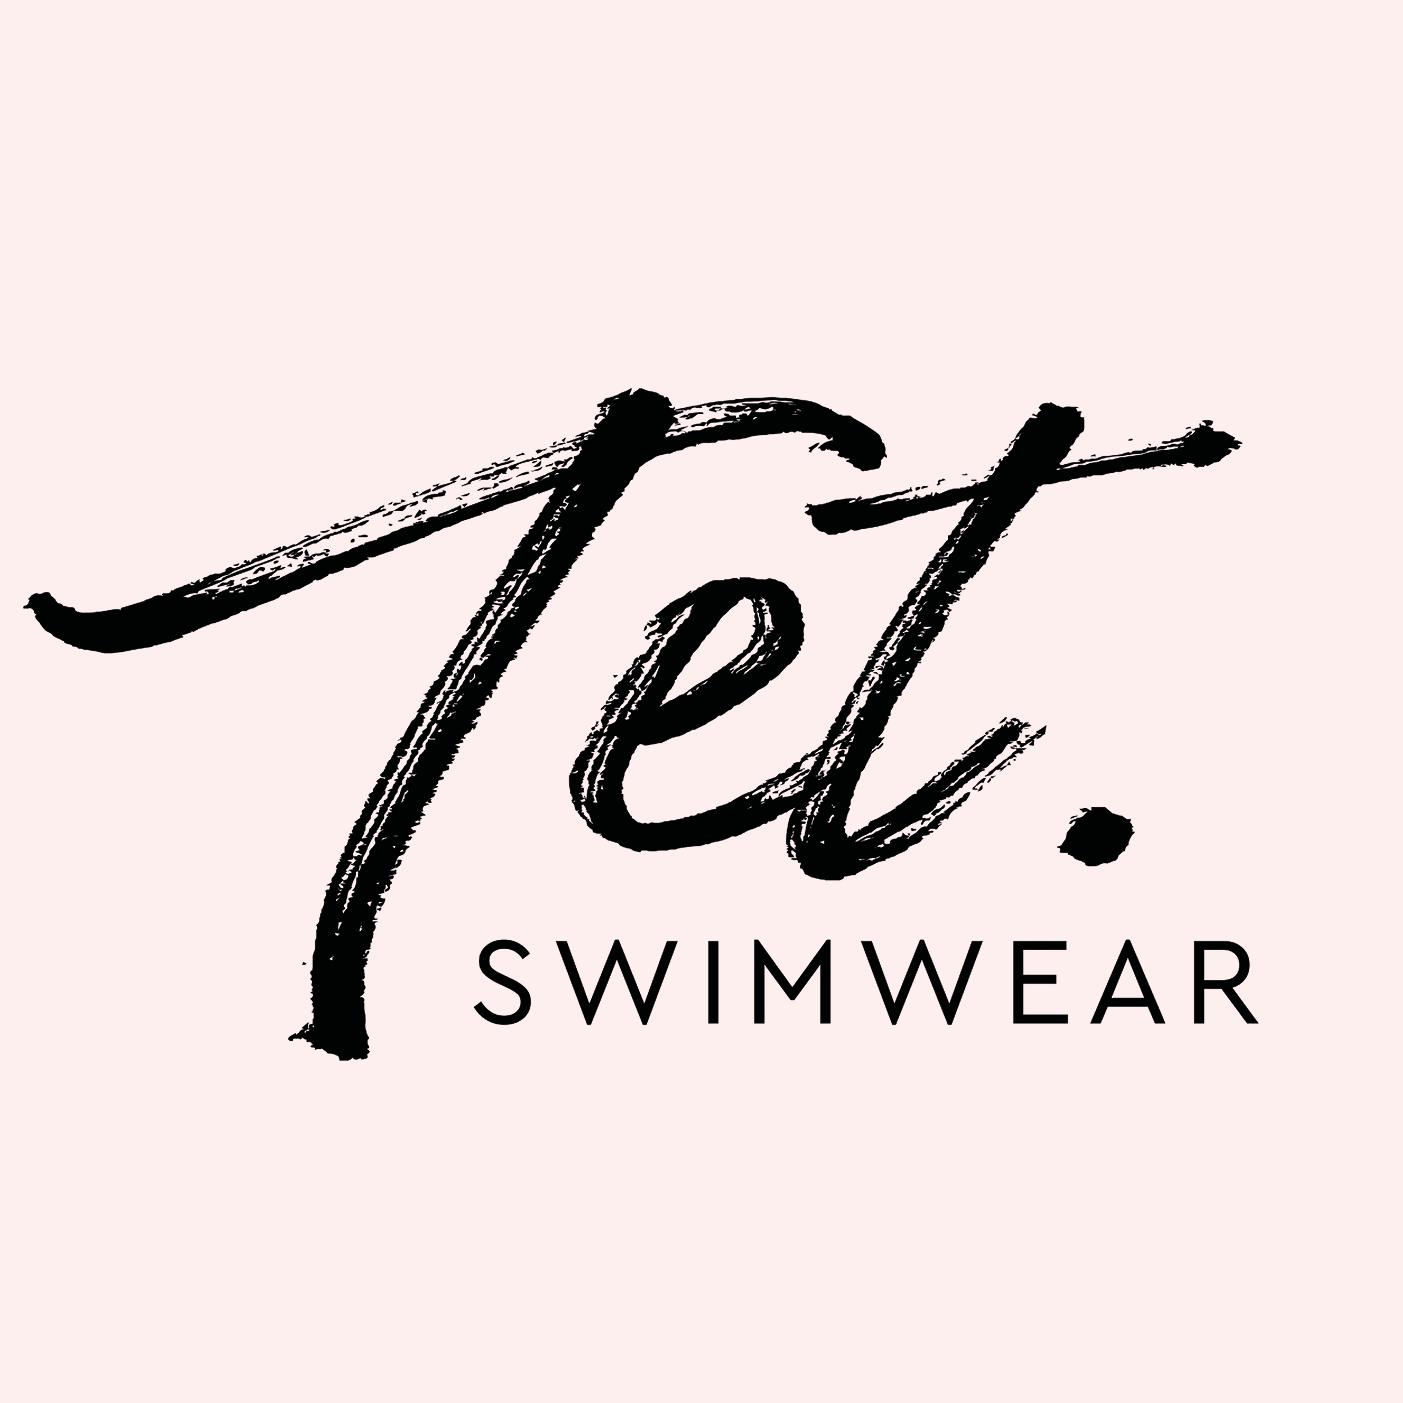 Tet Swimwear